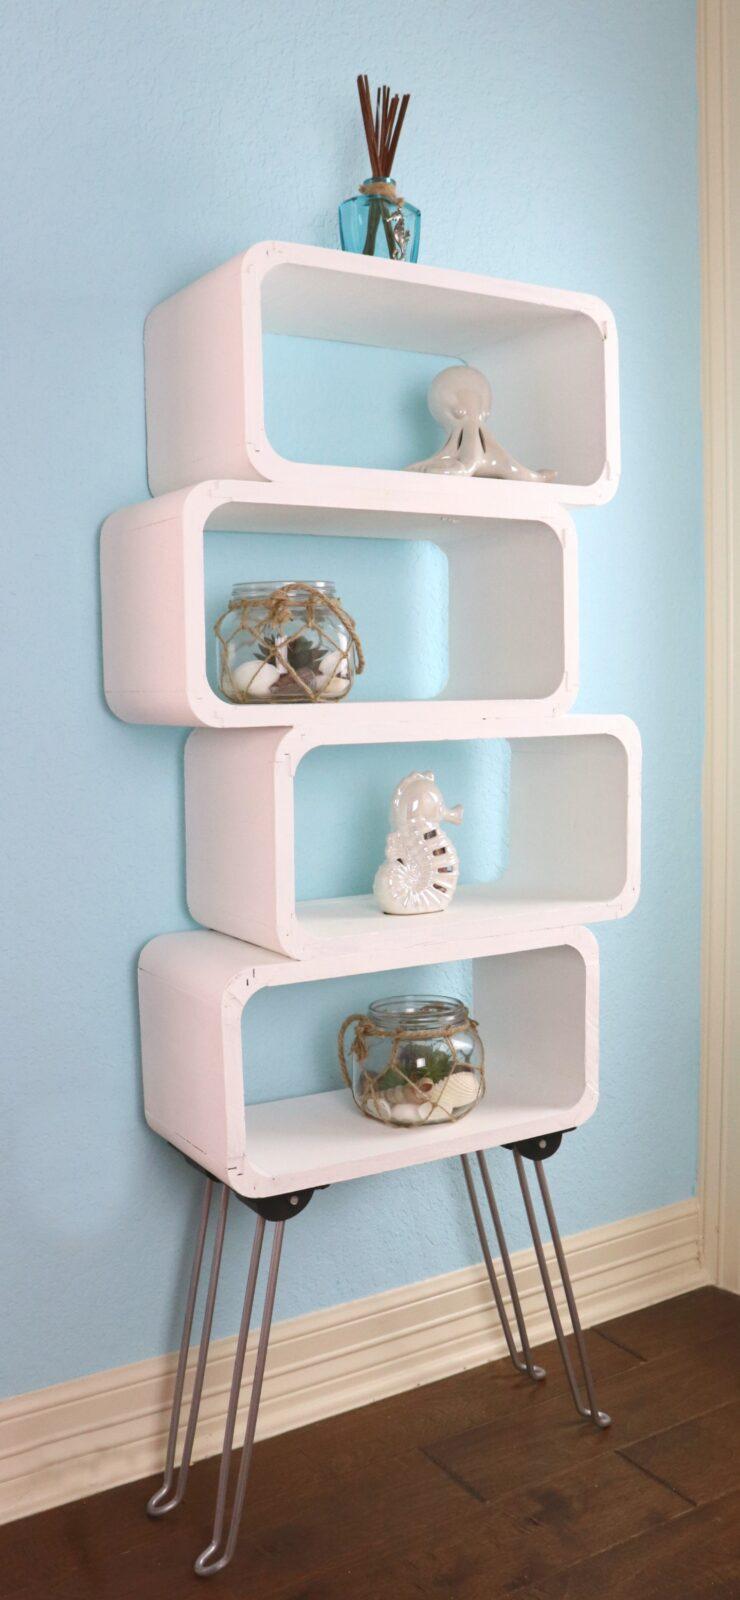 Diy Mod Shelf